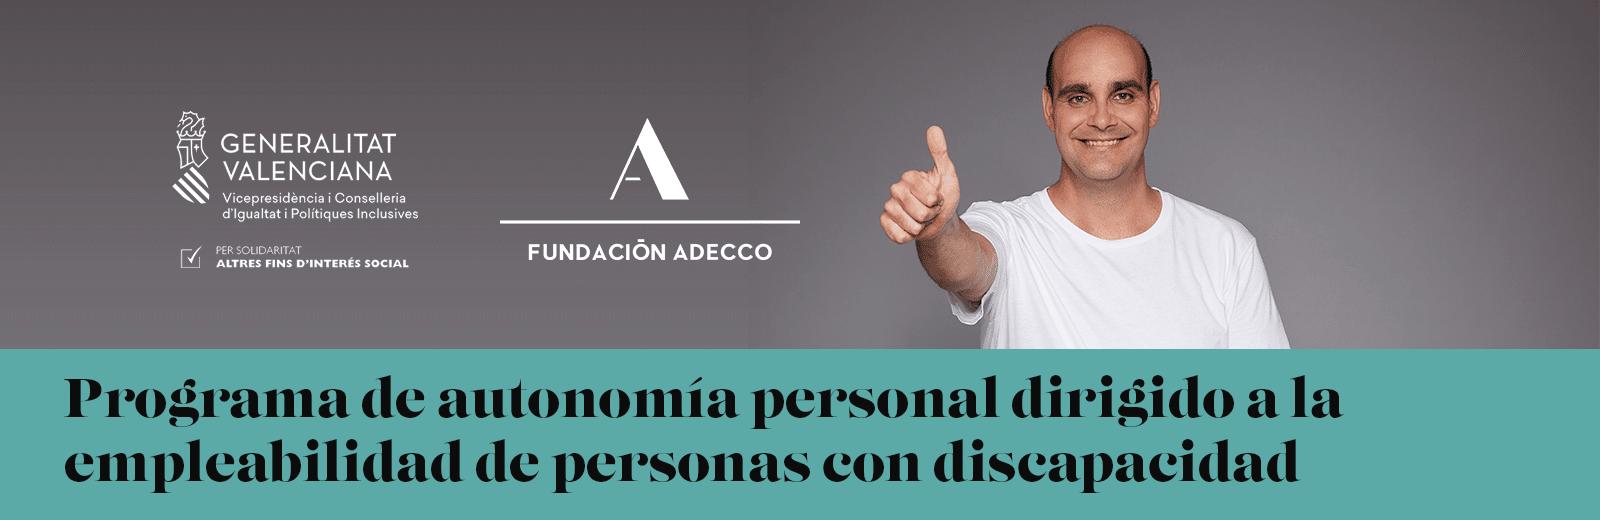 Programa de autonomía para fomentar la empleabilidad de personas con discapacidad